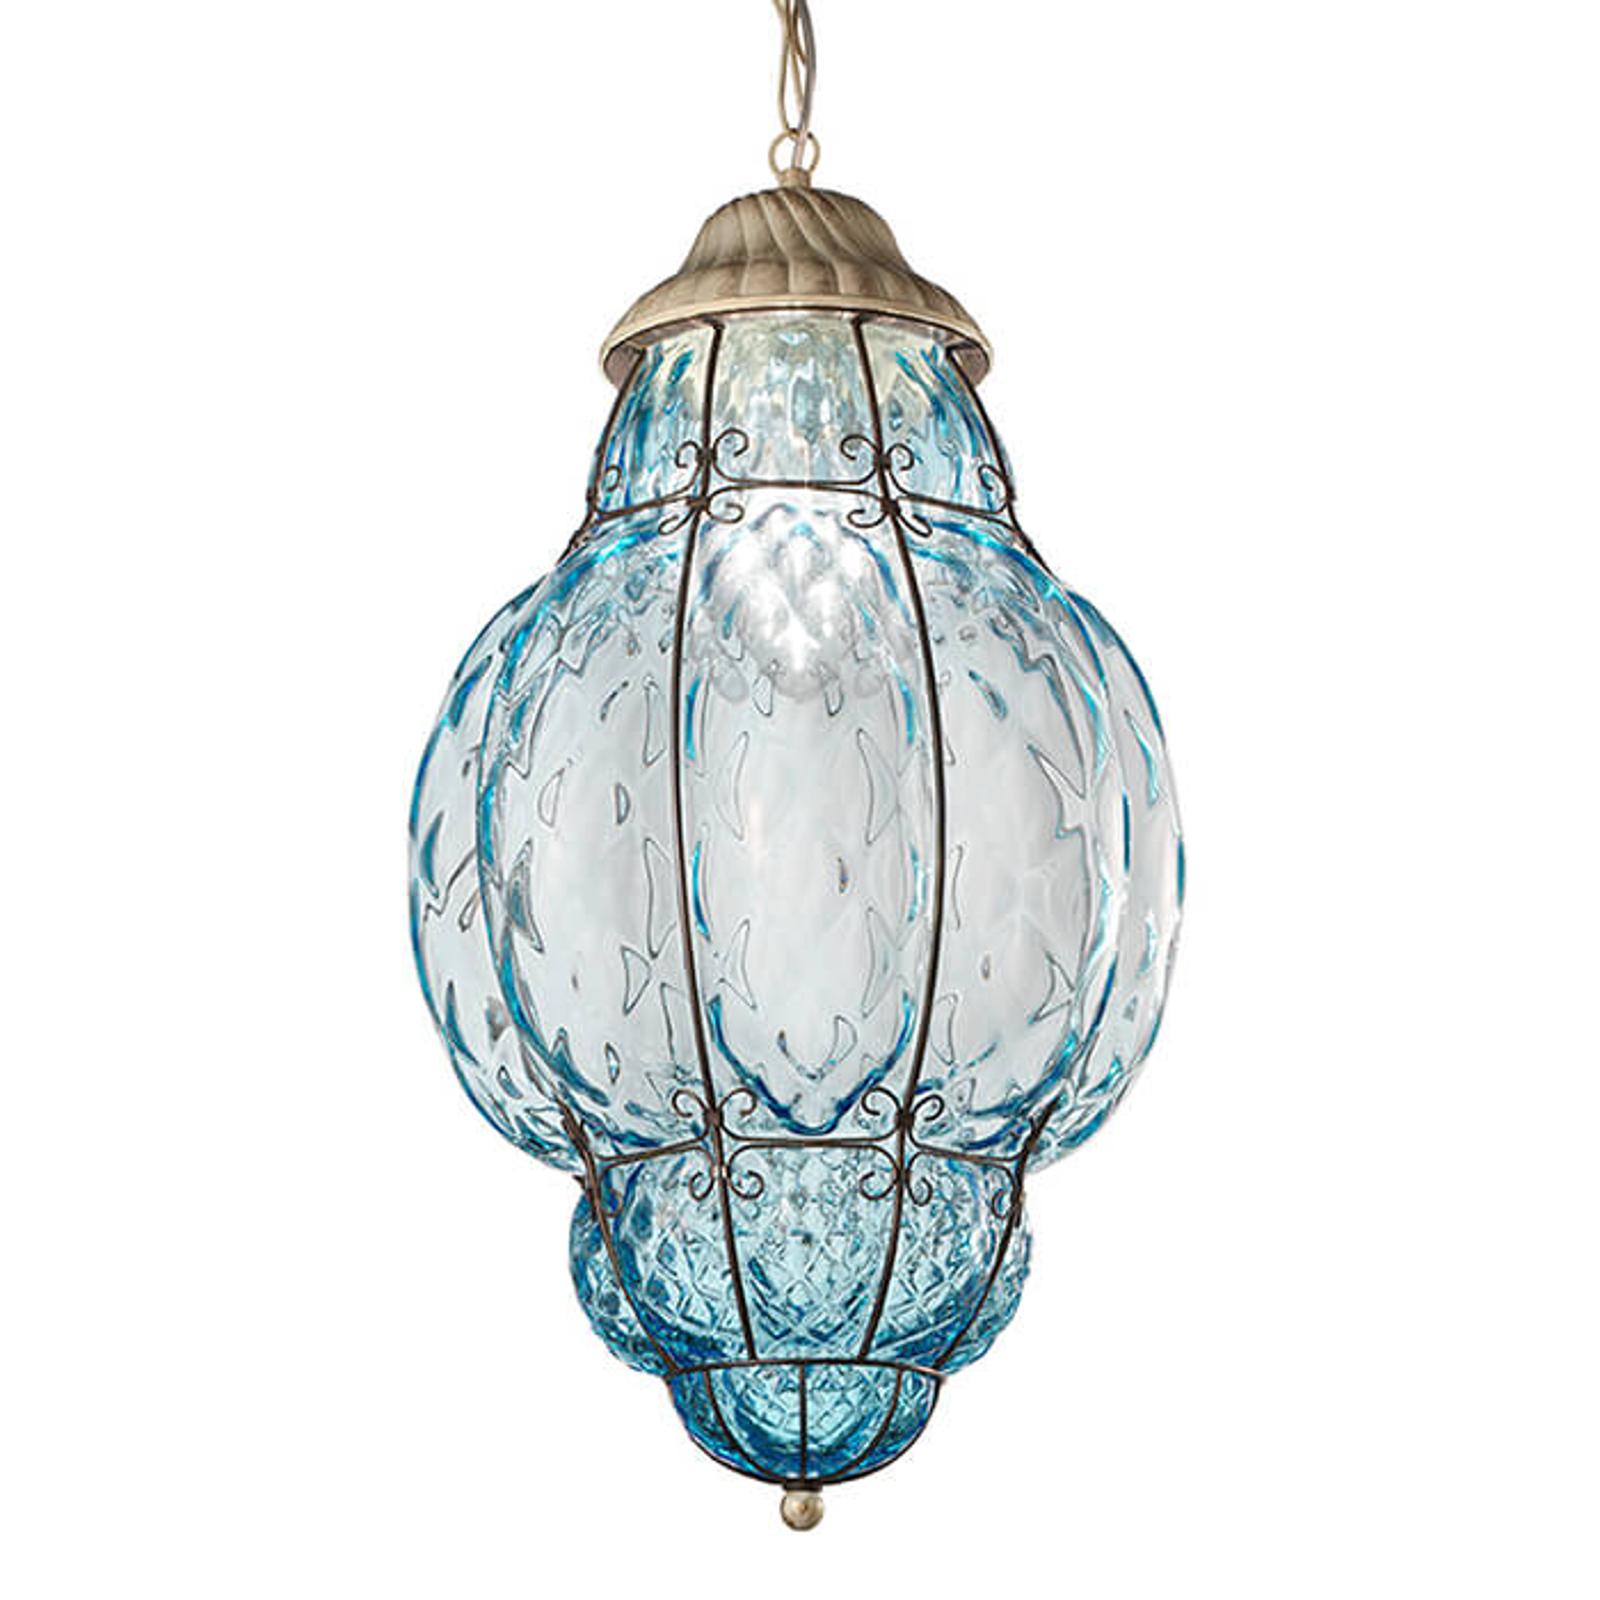 Classic hængelampe til udendørs brug, blå